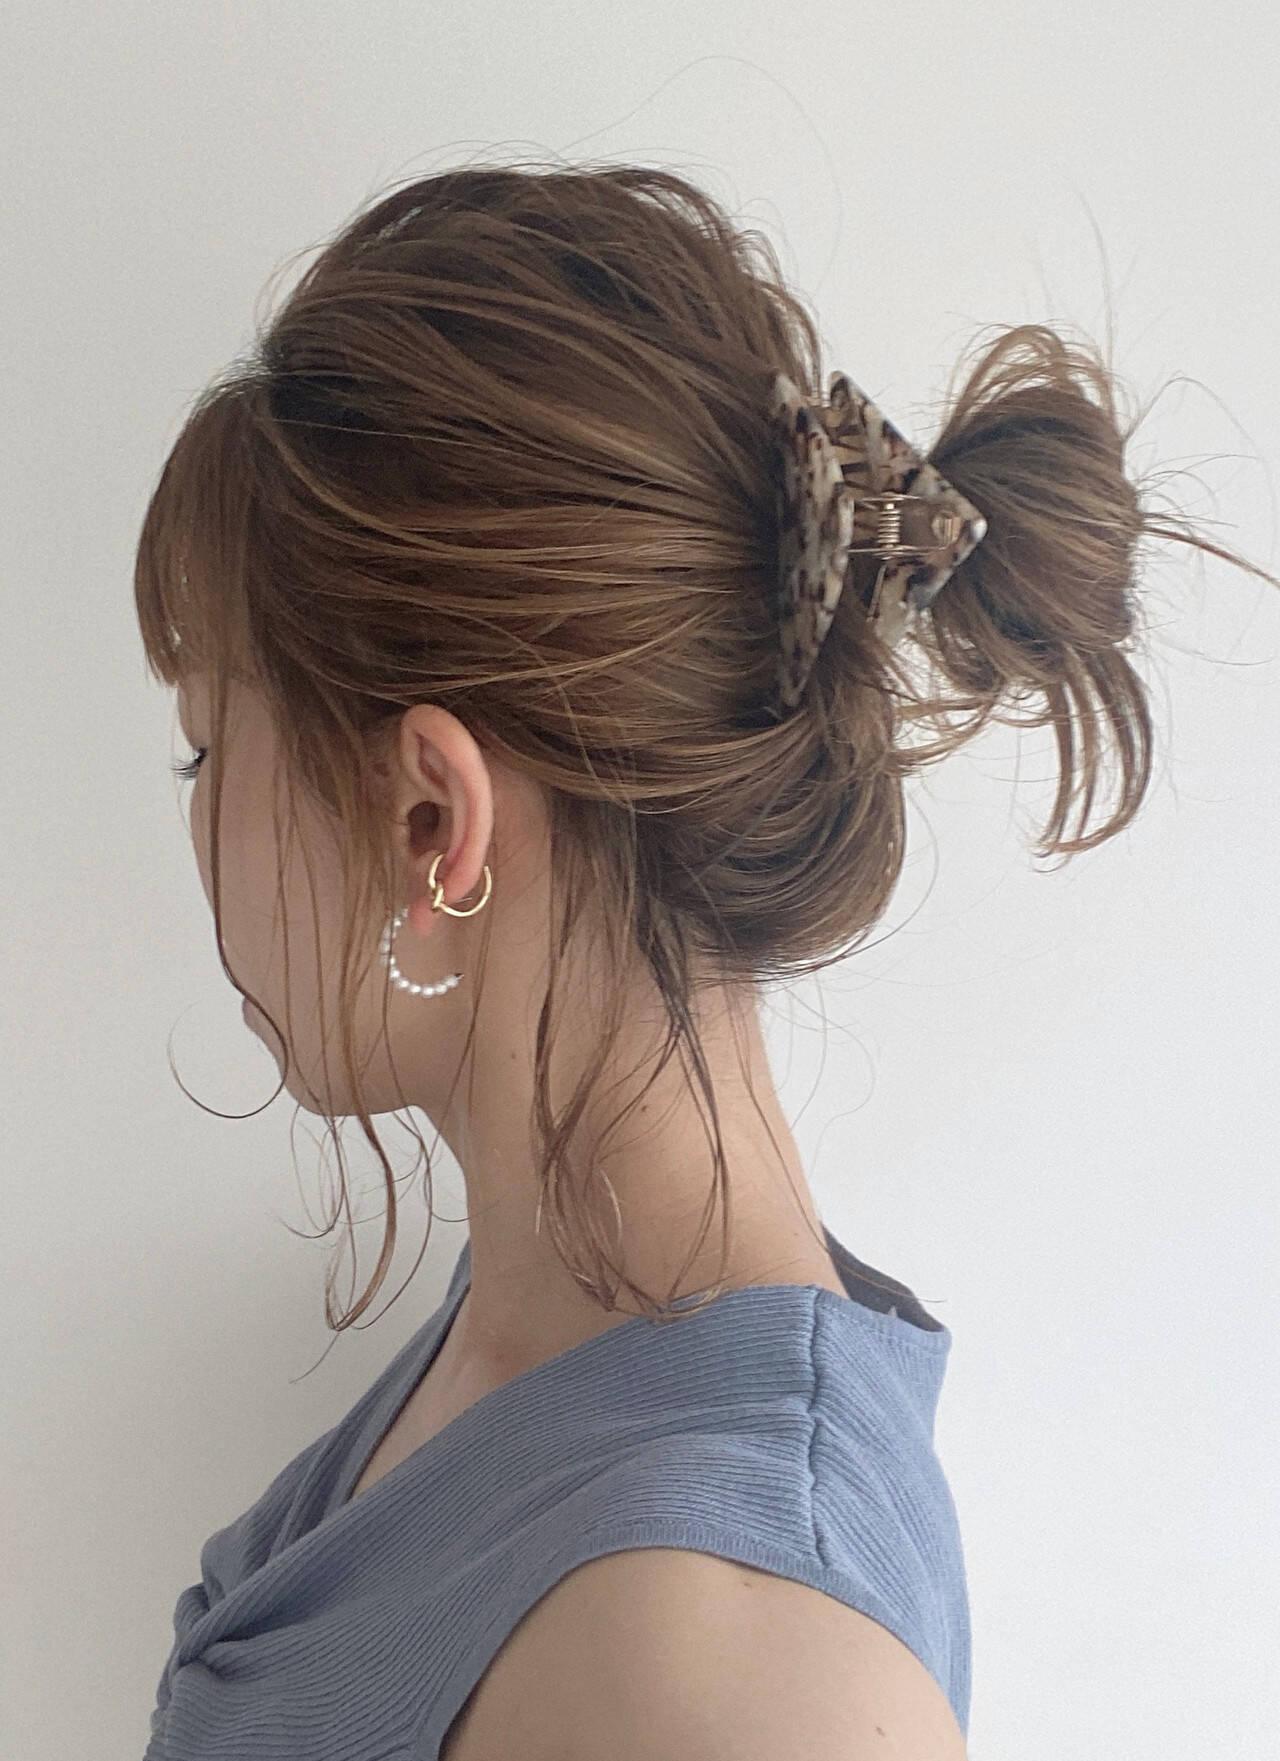 ミディアム 簡単ヘアアレンジ セルフヘアアレンジ おだんごヘアスタイルや髪型の写真・画像